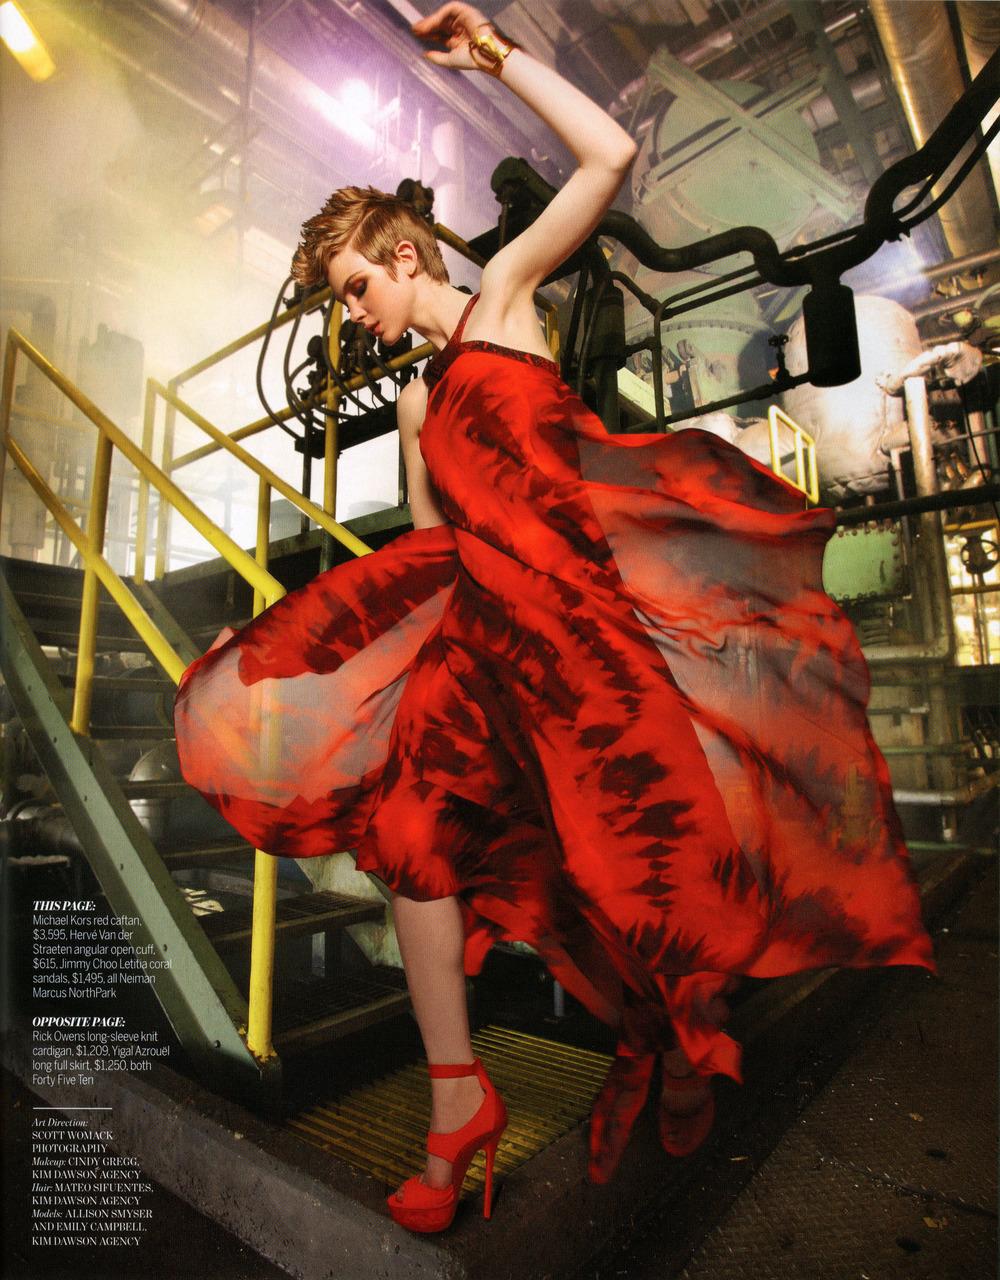 Allison Smyser July 2012 D Magazine 3.jpg